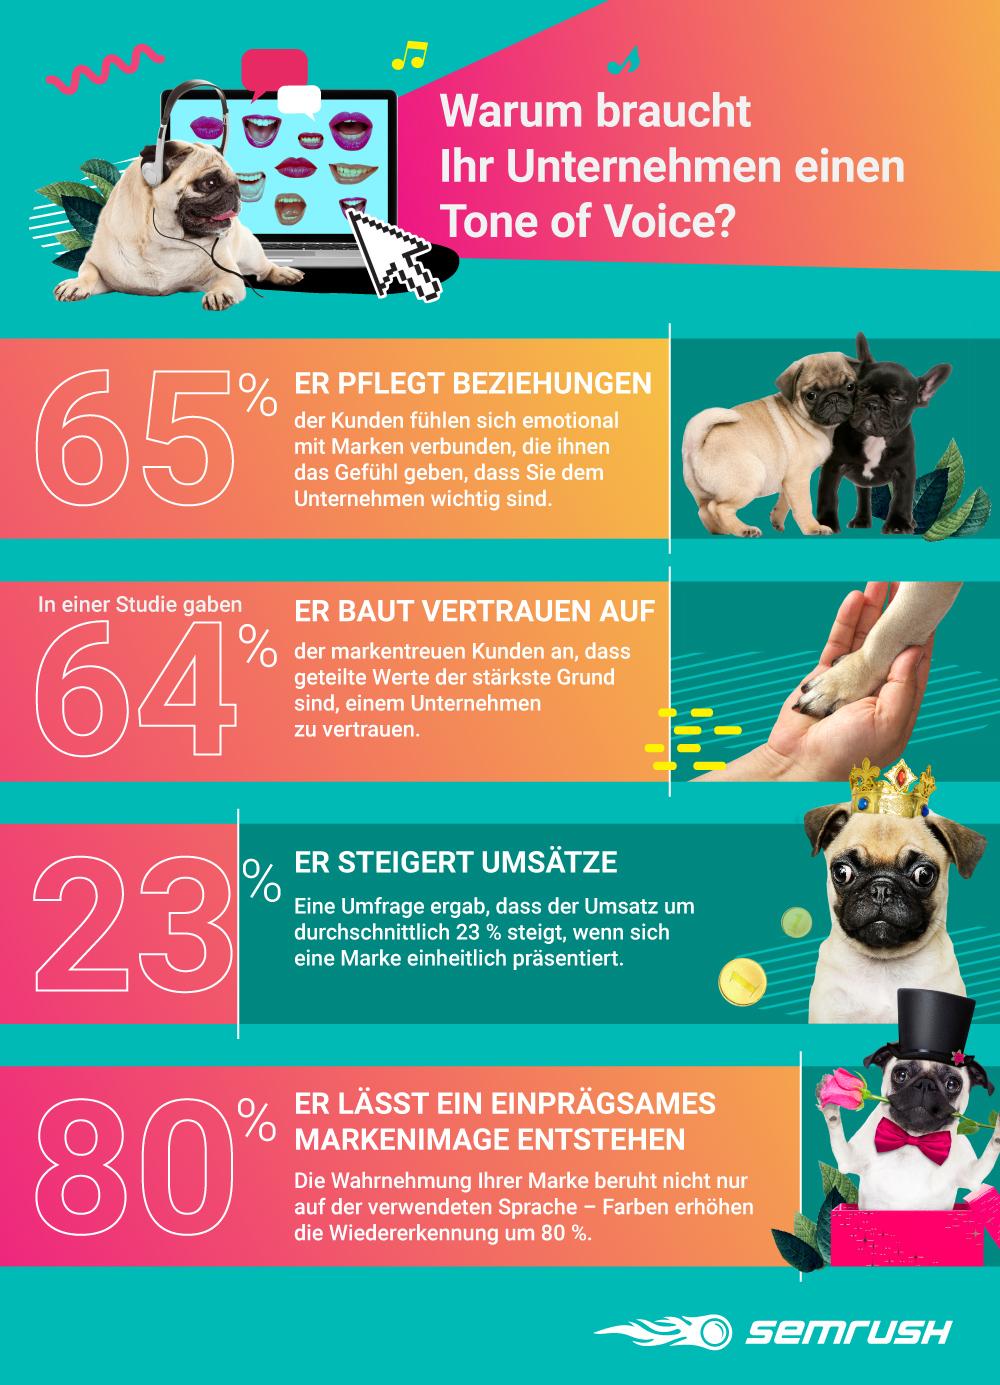 Infografik: Warum braucht Ihr Unternehmen einen Tone of Voice